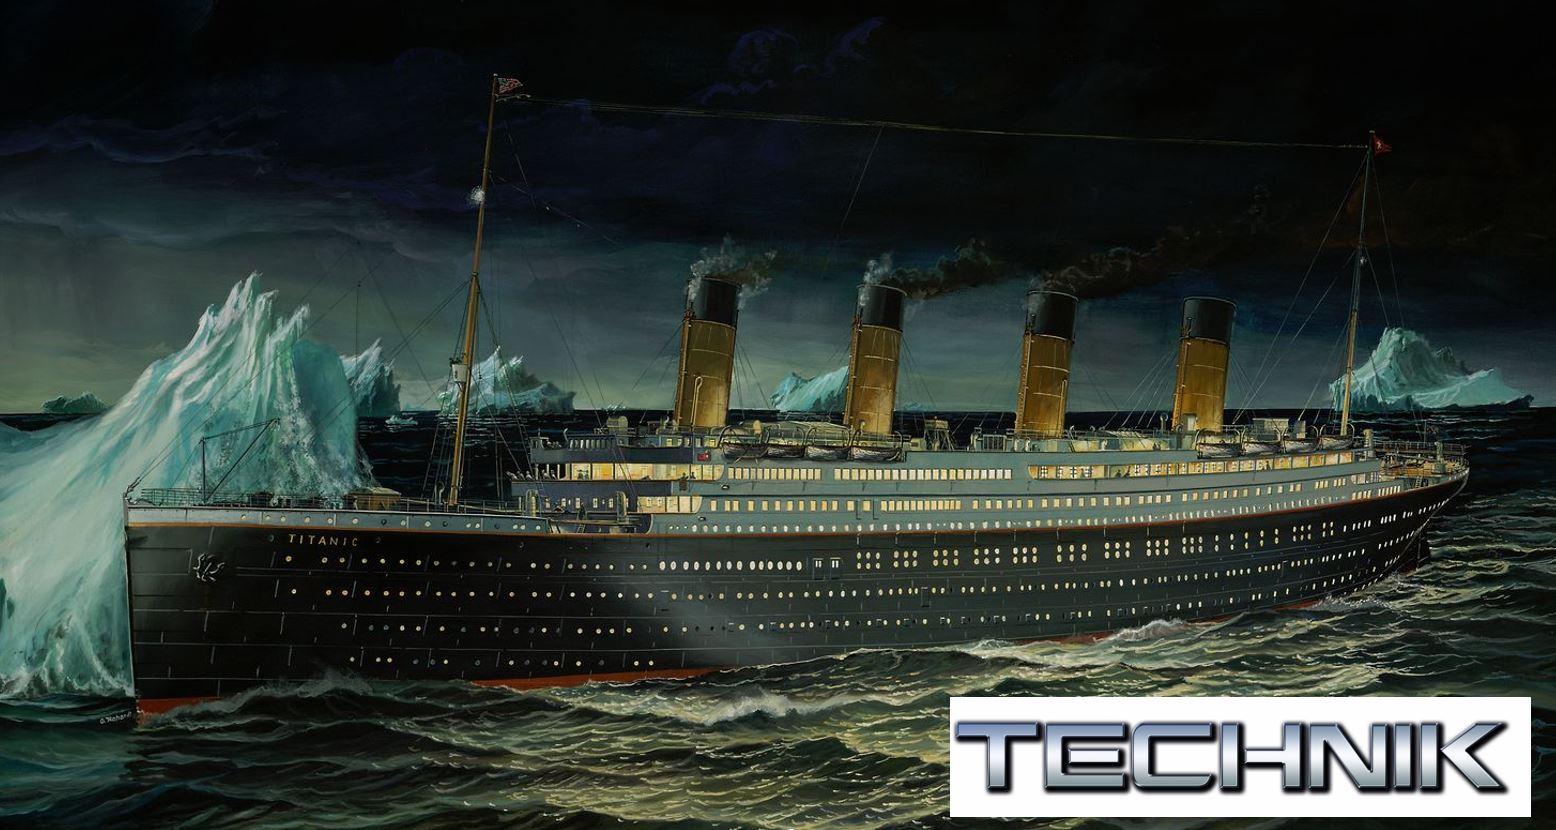 00458-RMS-Titanic_TECHNIK Revell-Neuheiten 2020